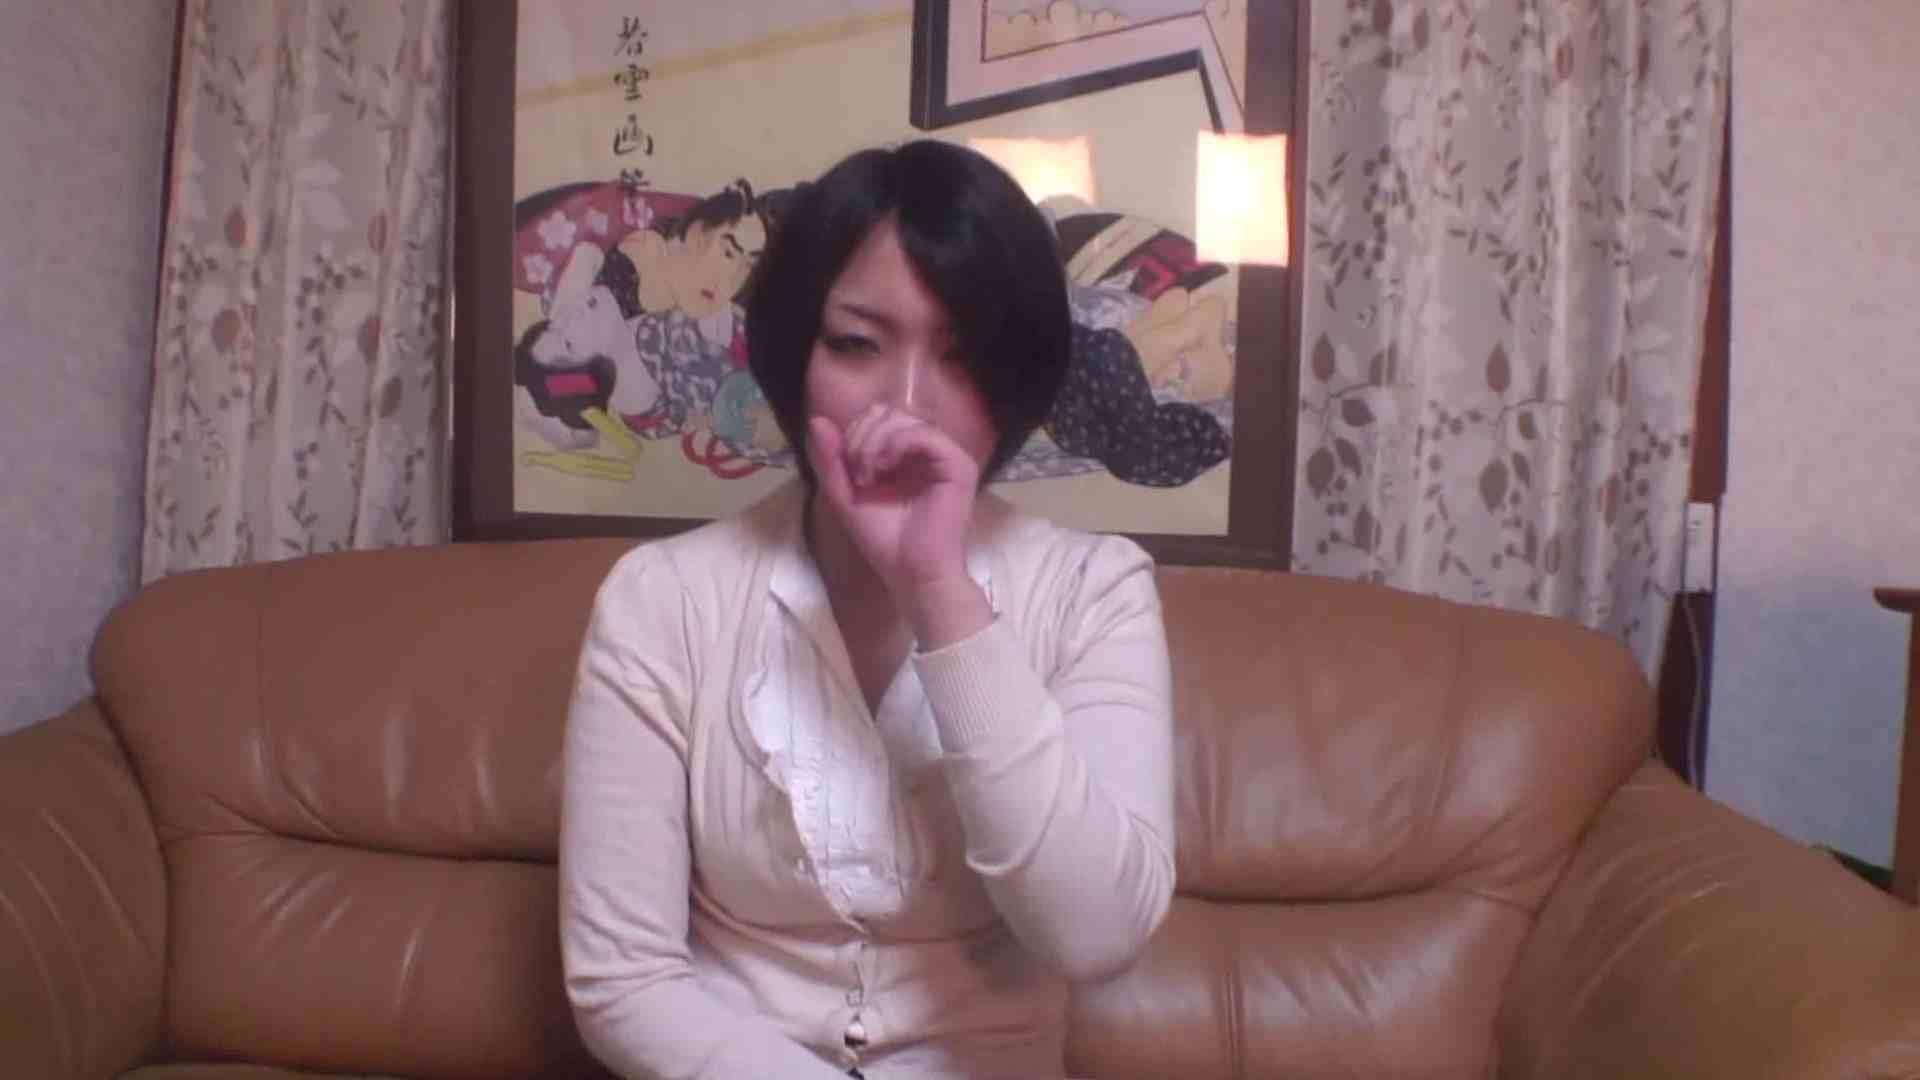 鬼才沖本監督 軽い気持ちで来てしまった女 フェラ動画  109画像 50